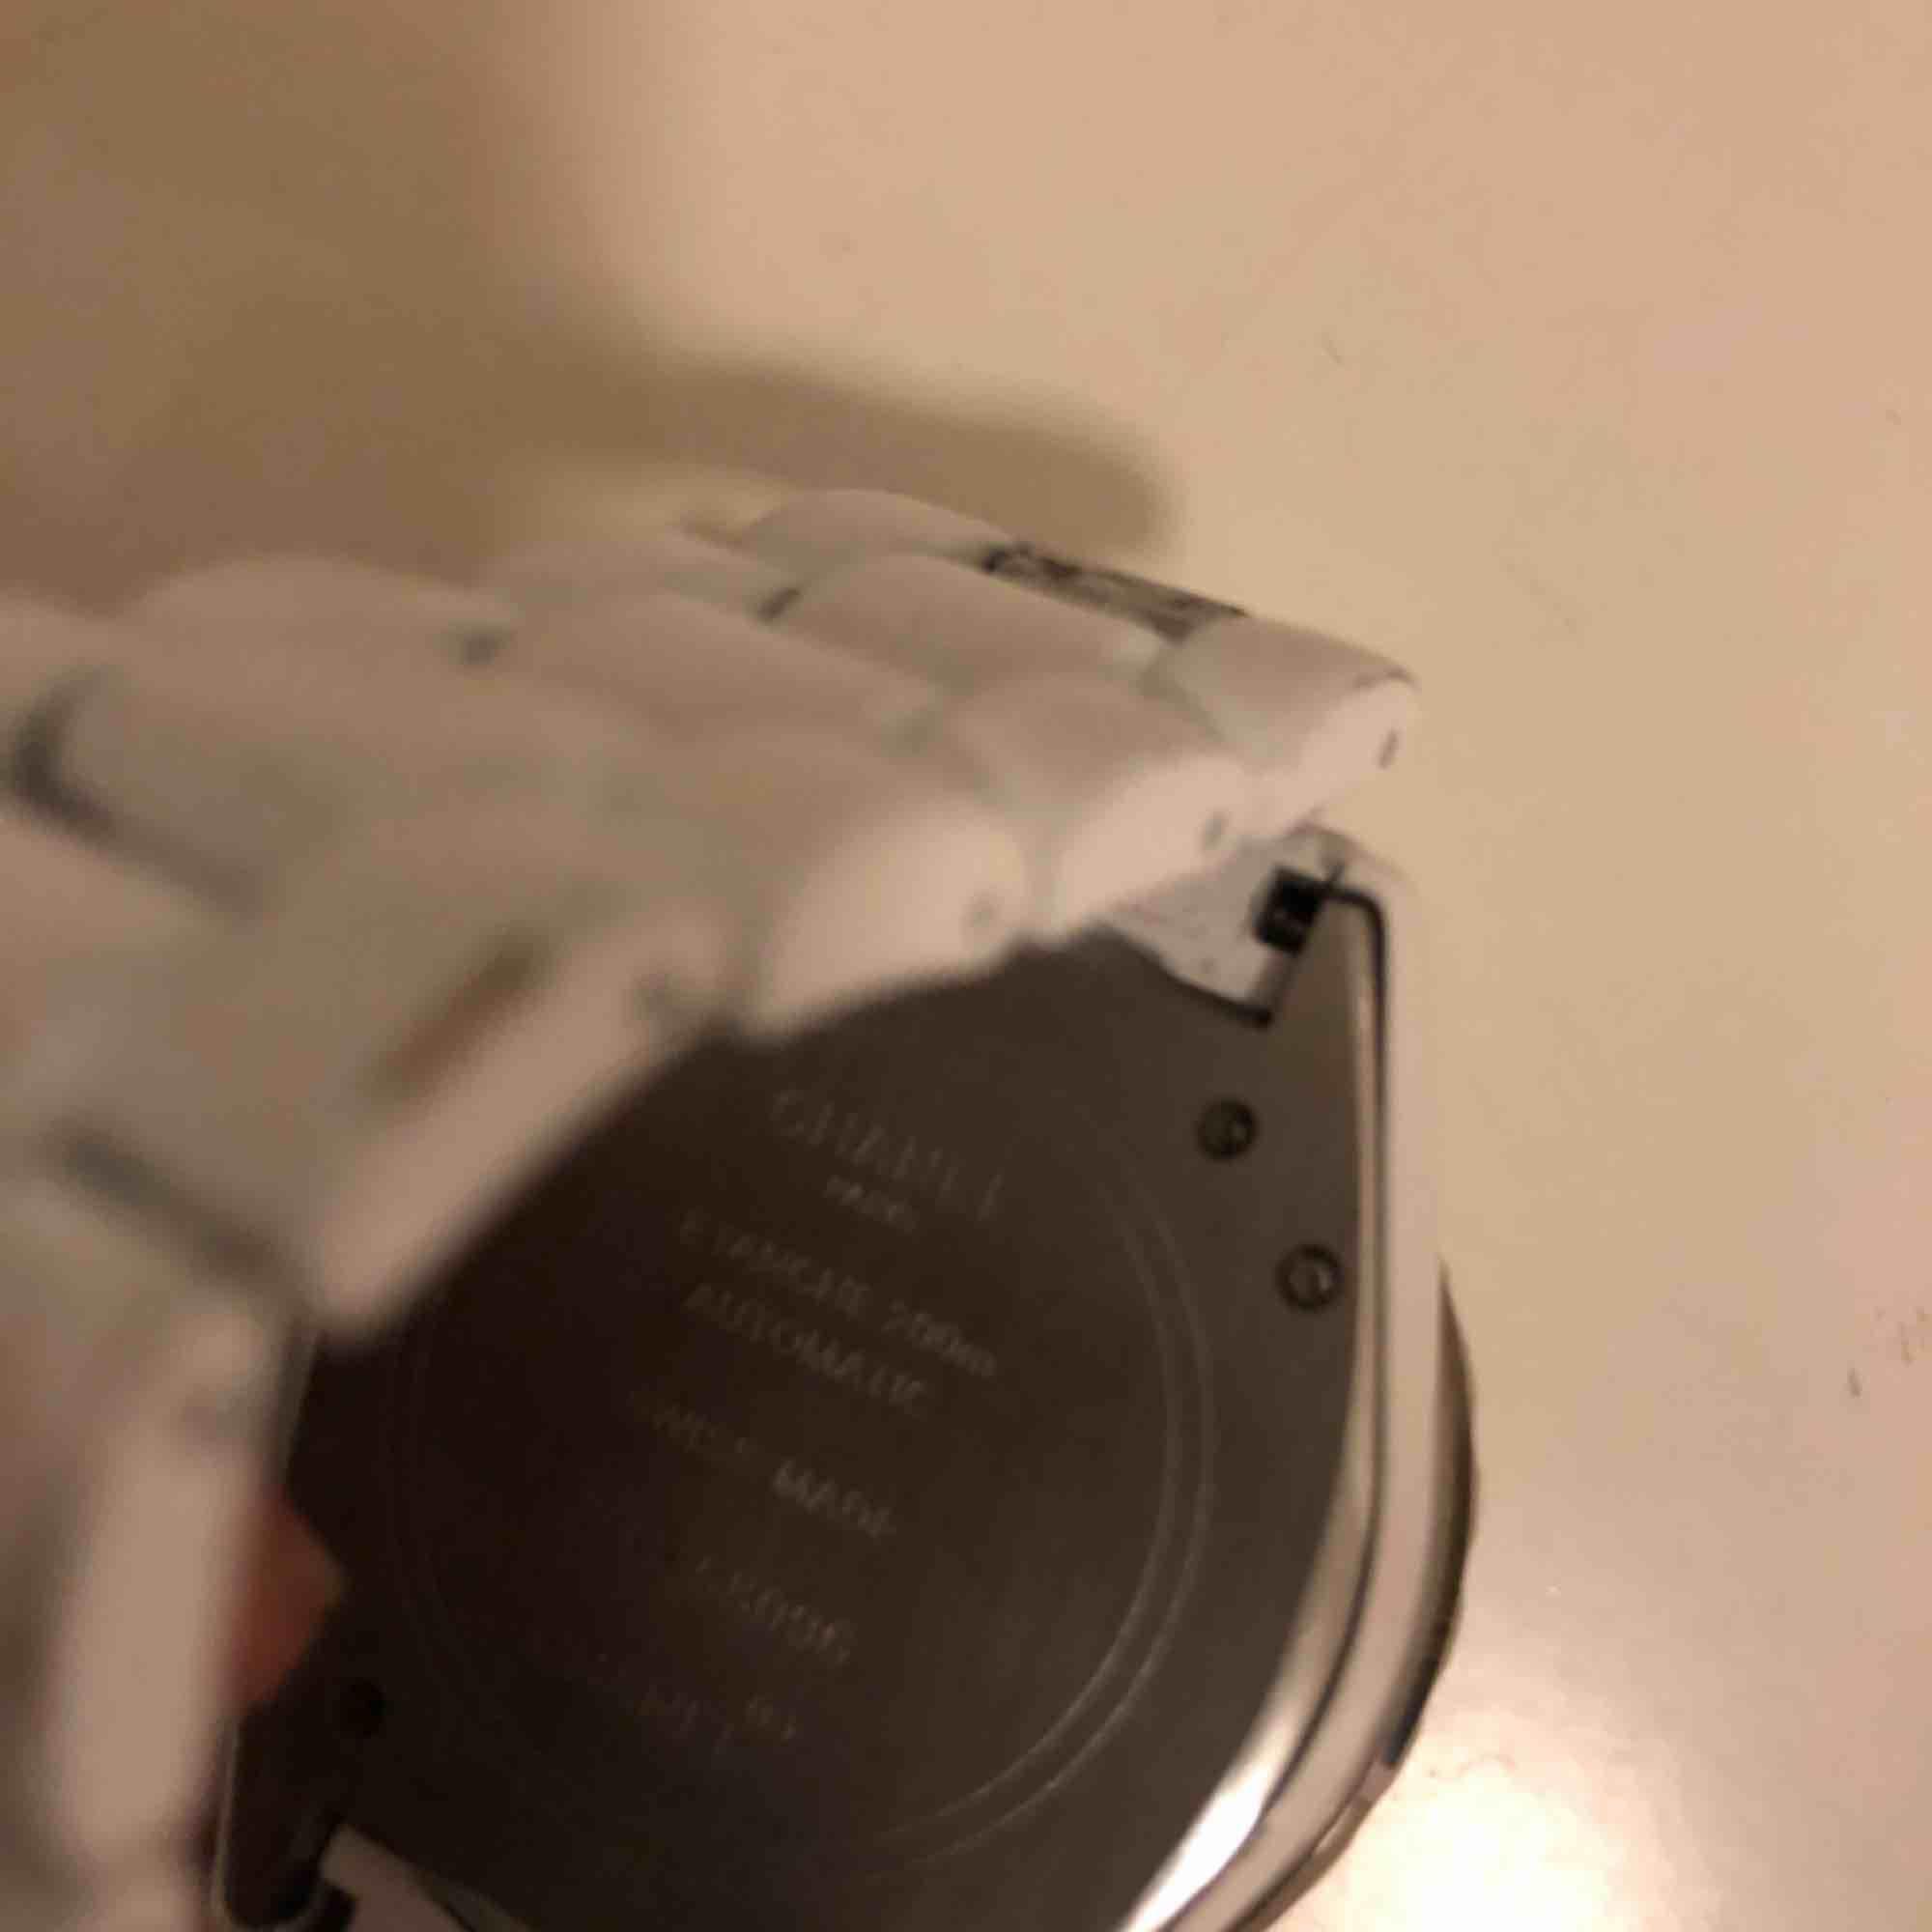 Vit Chanel klocka Ej äkta Säljes i befintligt skick. Ska vara en automatik så inga batterier krävs. Har inte använts på länge. Måste nog dras upp.  Snyggt smycke! Ansvarar ej för postens hantering . Accessoarer.